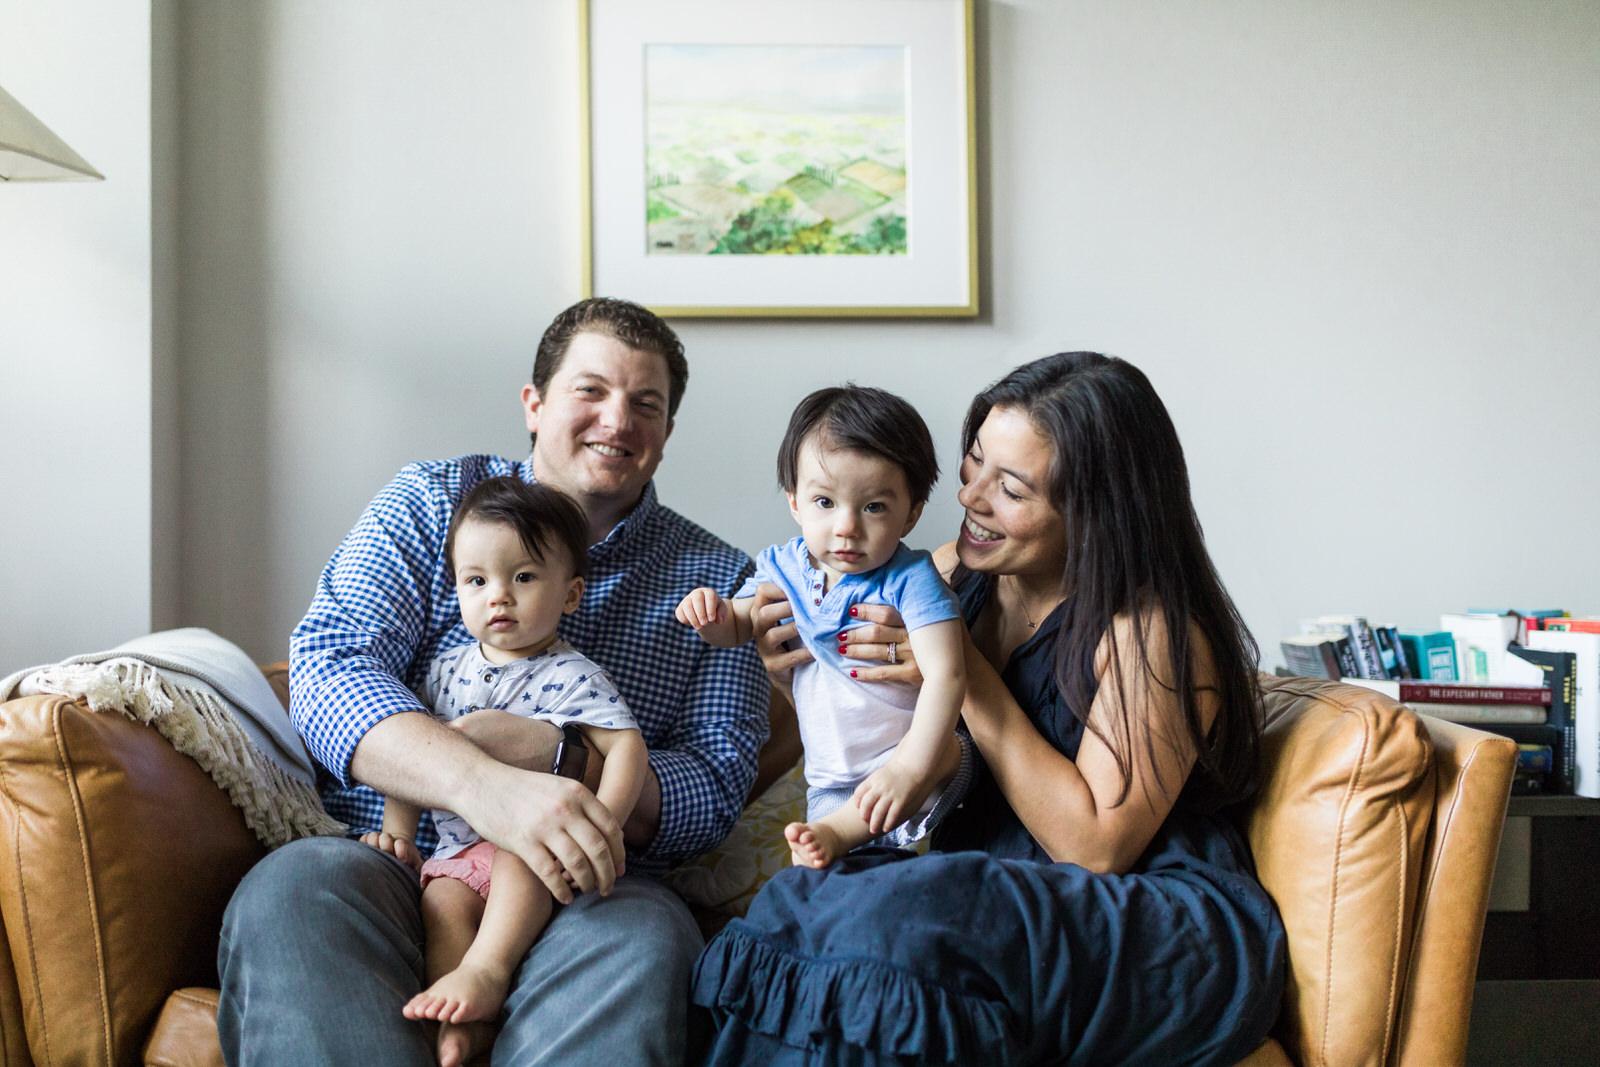 family-photography-brooklyn-ny-01.jpg